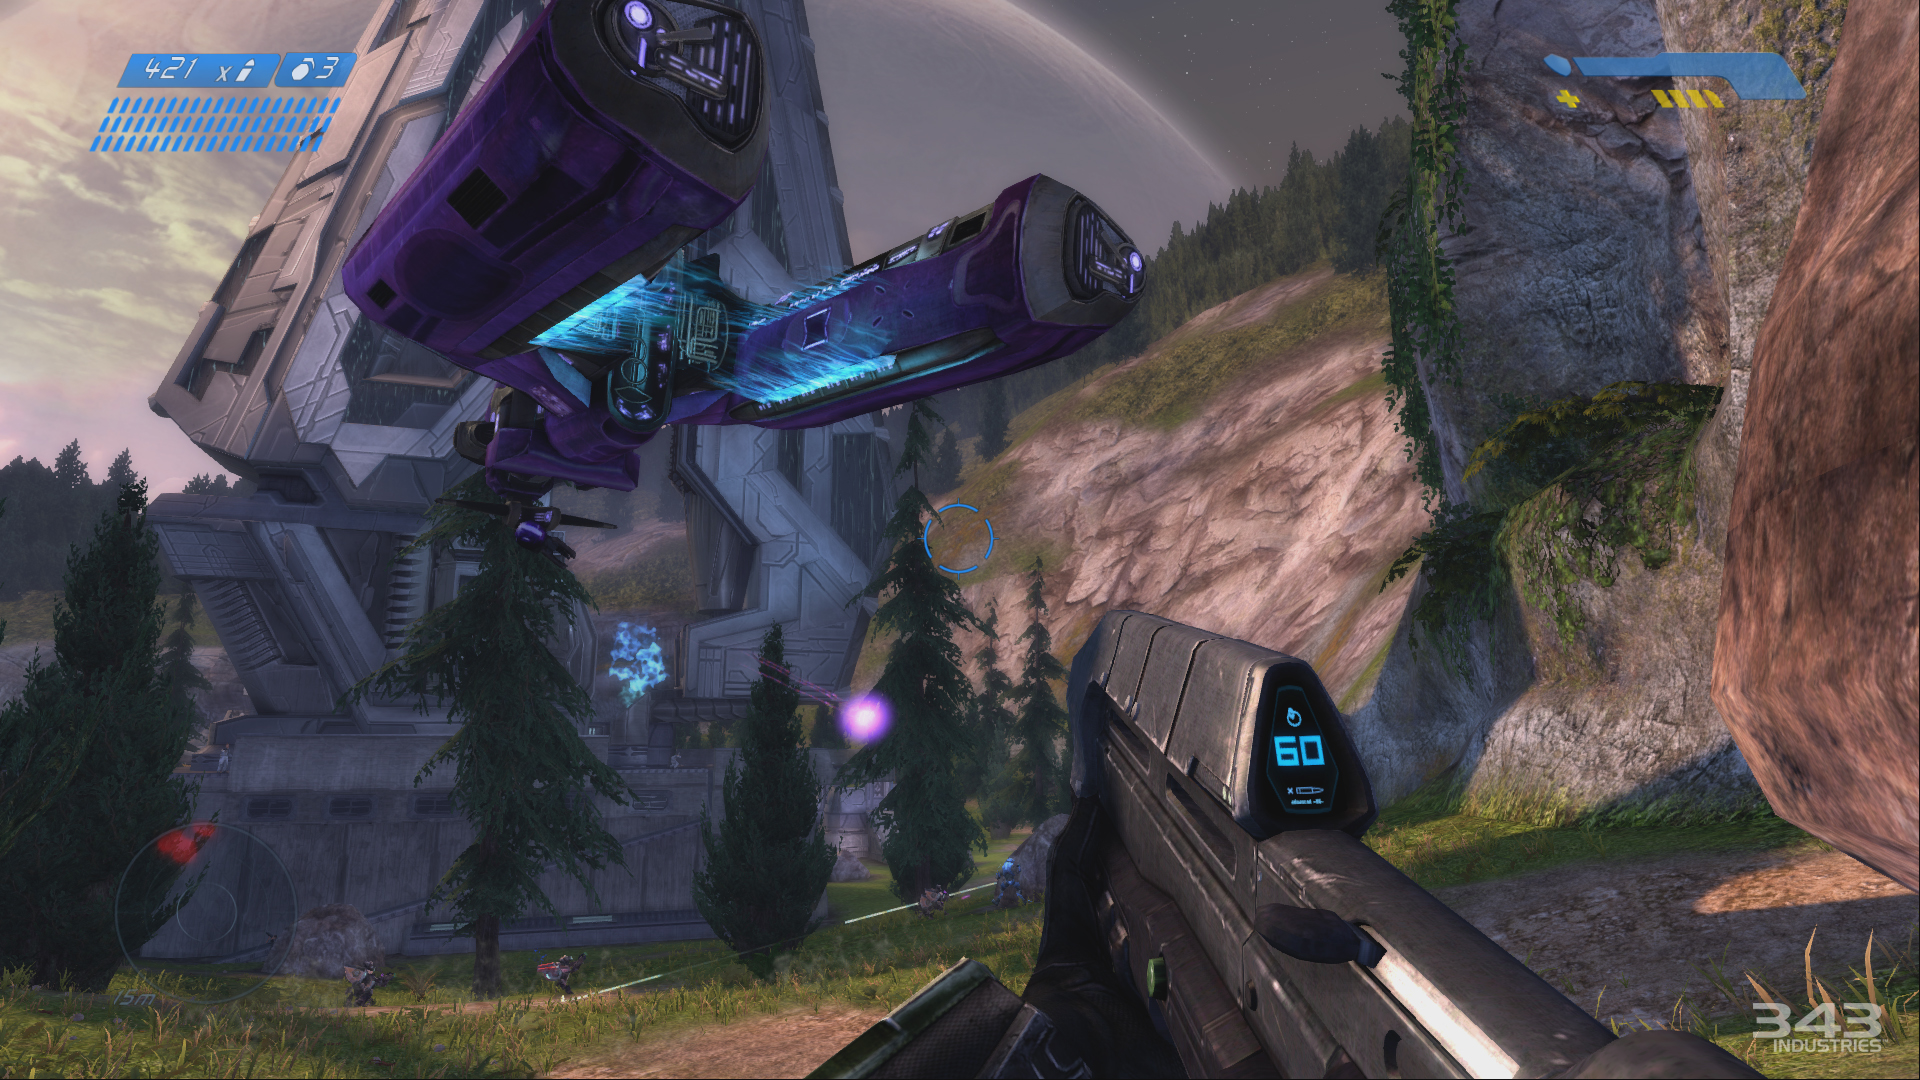 Τα προξενήματα του Halo προσεγγίζουν συνεχώς την αναζήτηση